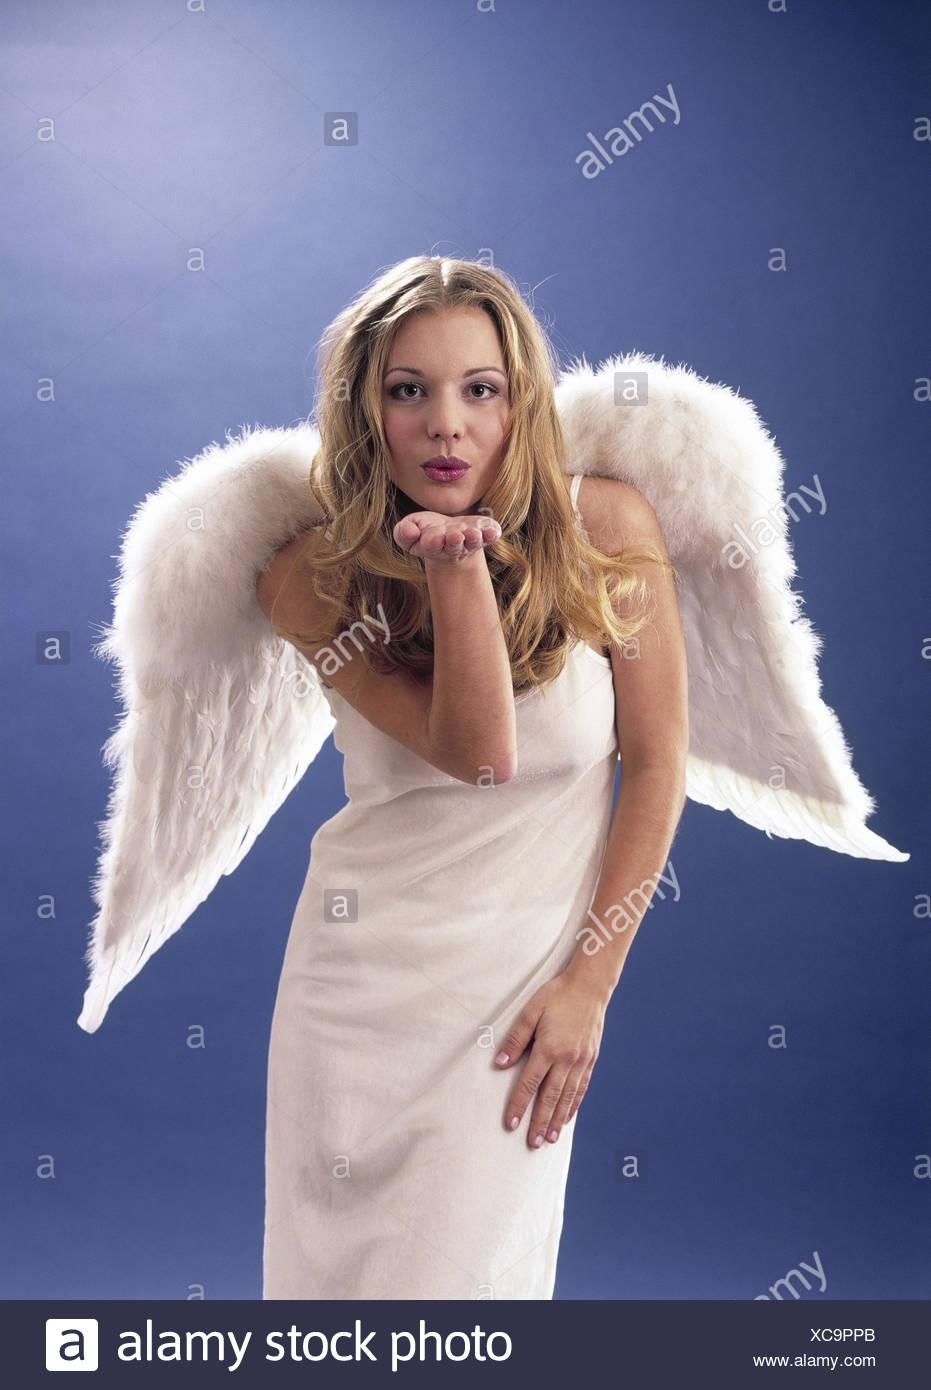 Femme, Engel, geste, baiser la main, Noël ange de Noël, jeune, blond, à  l aile, l aile de l ange, robe, doublure, costume, costume de l ange, blanc,  ... 5a750abca595